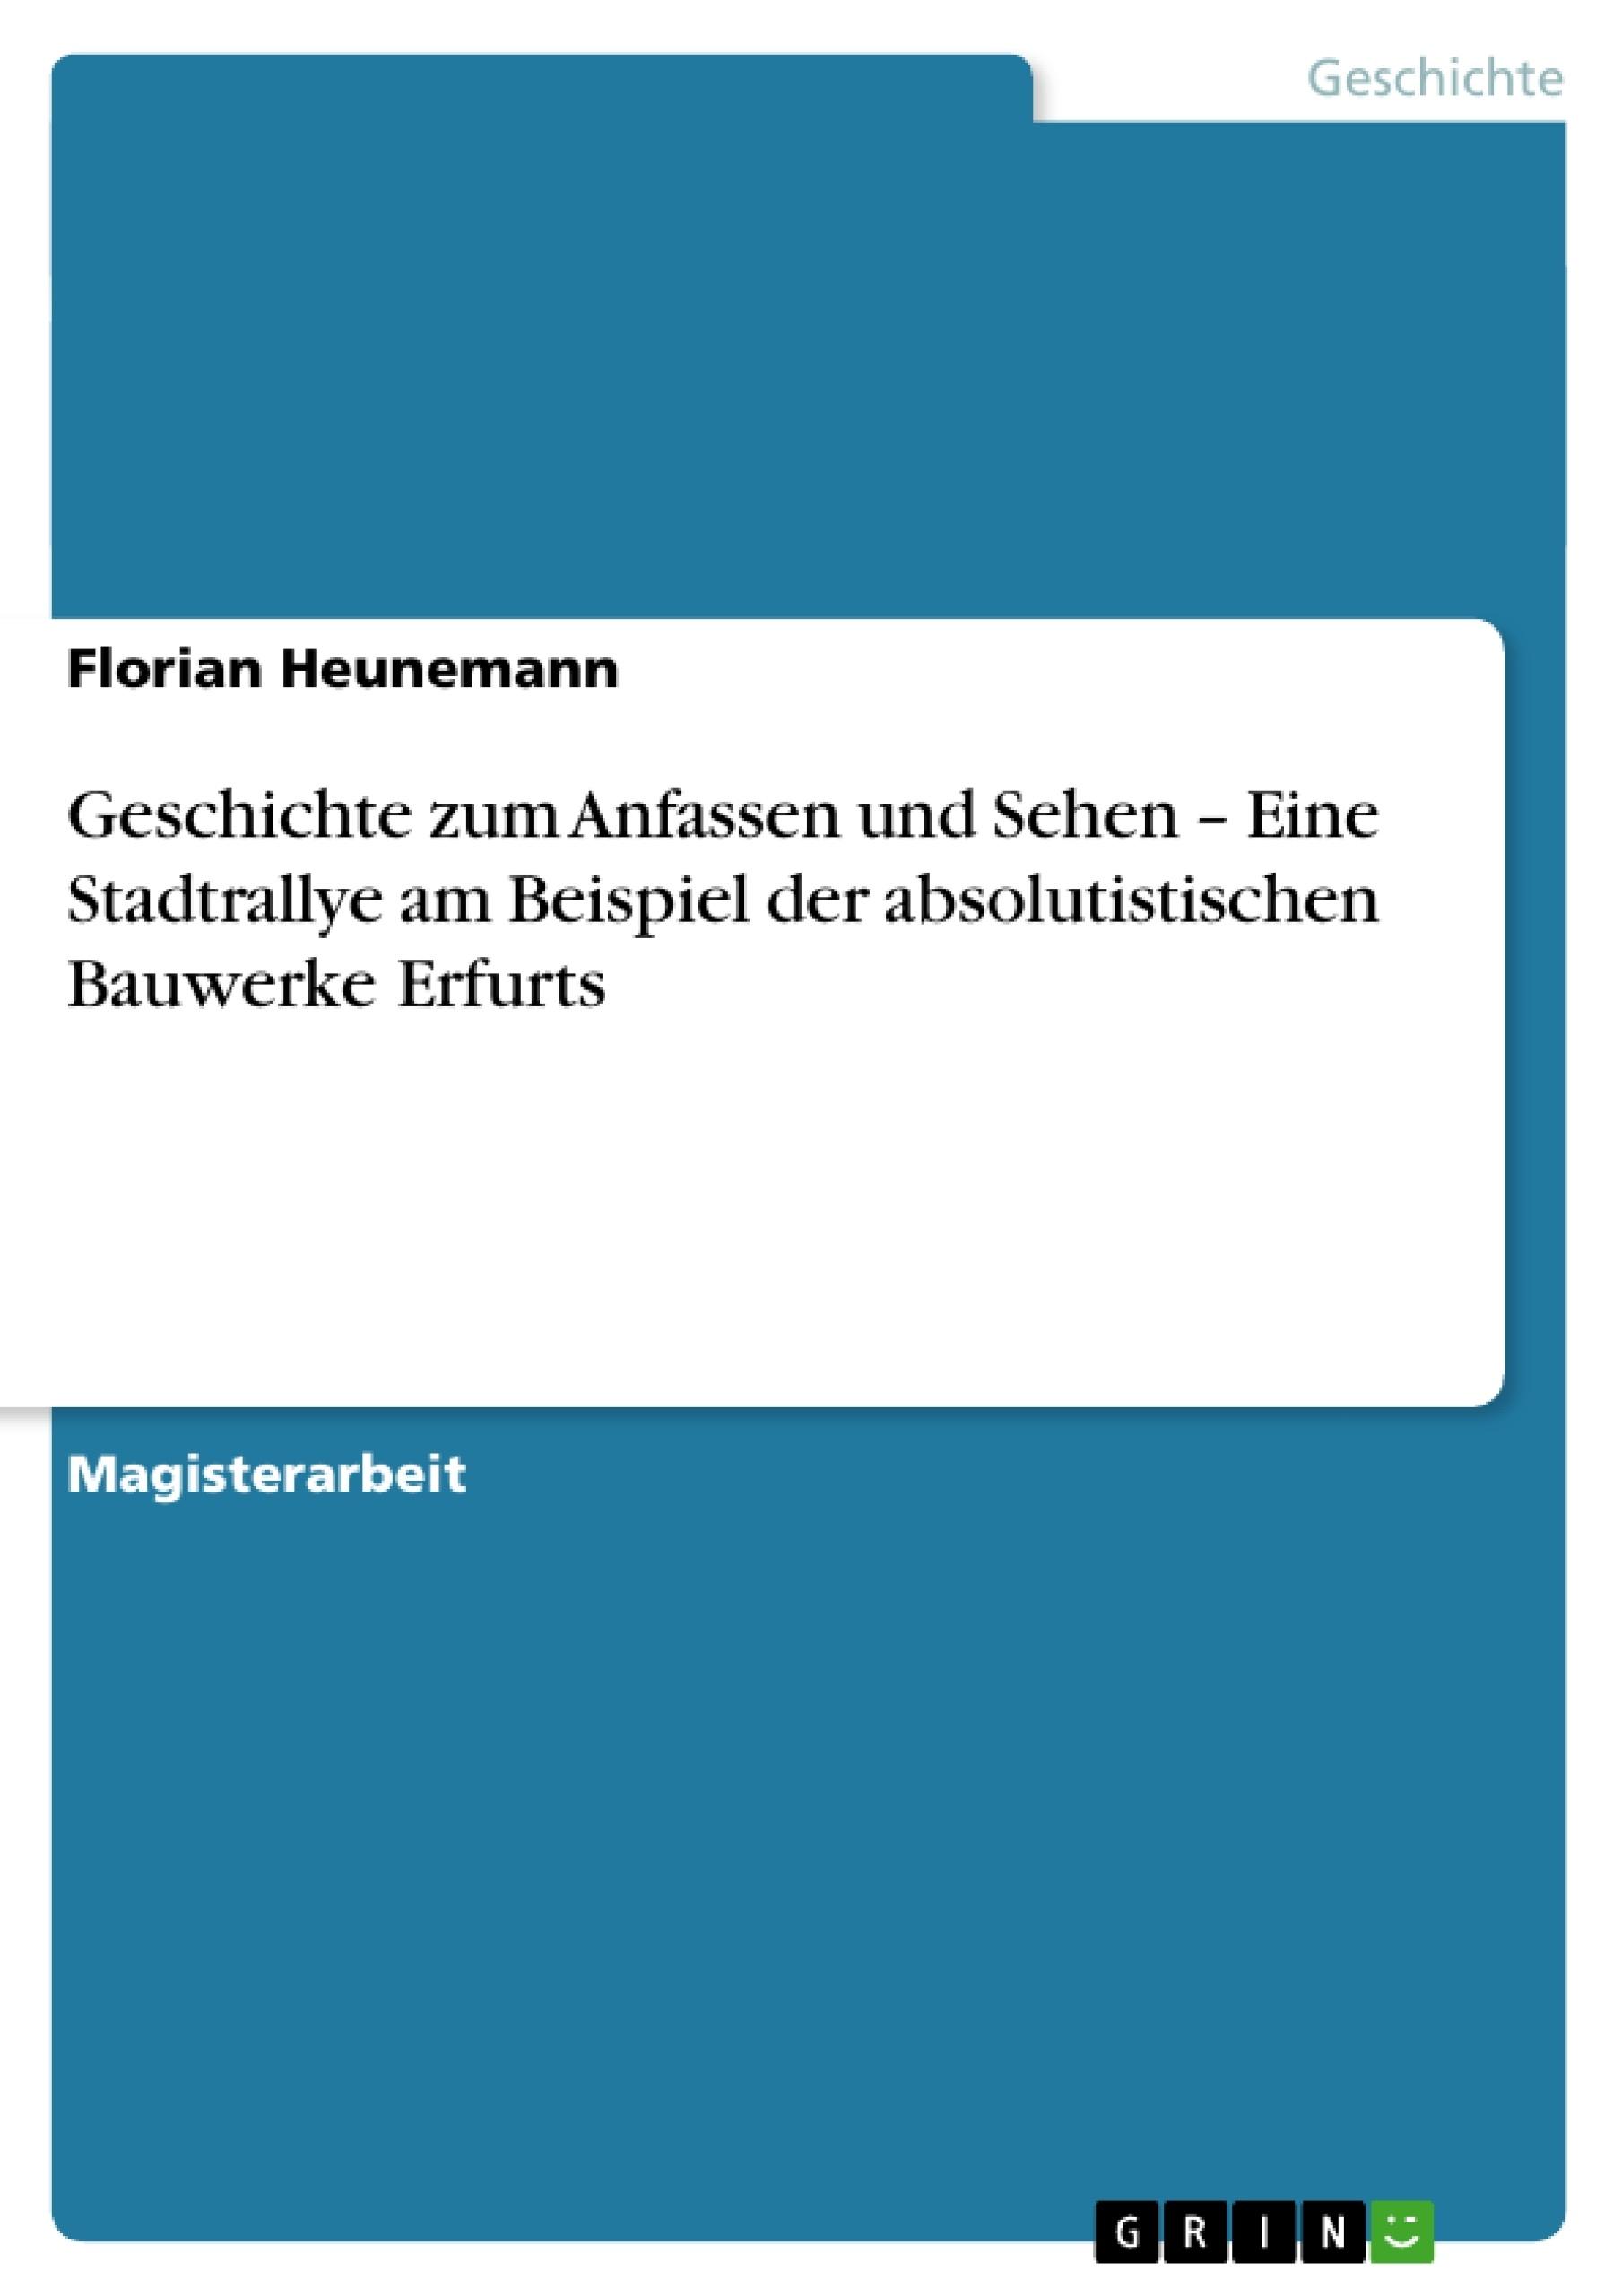 Titel: Geschichte zum Anfassen und Sehen – Eine Stadtrallye am Beispiel der  absolutistischen Bauwerke Erfurts